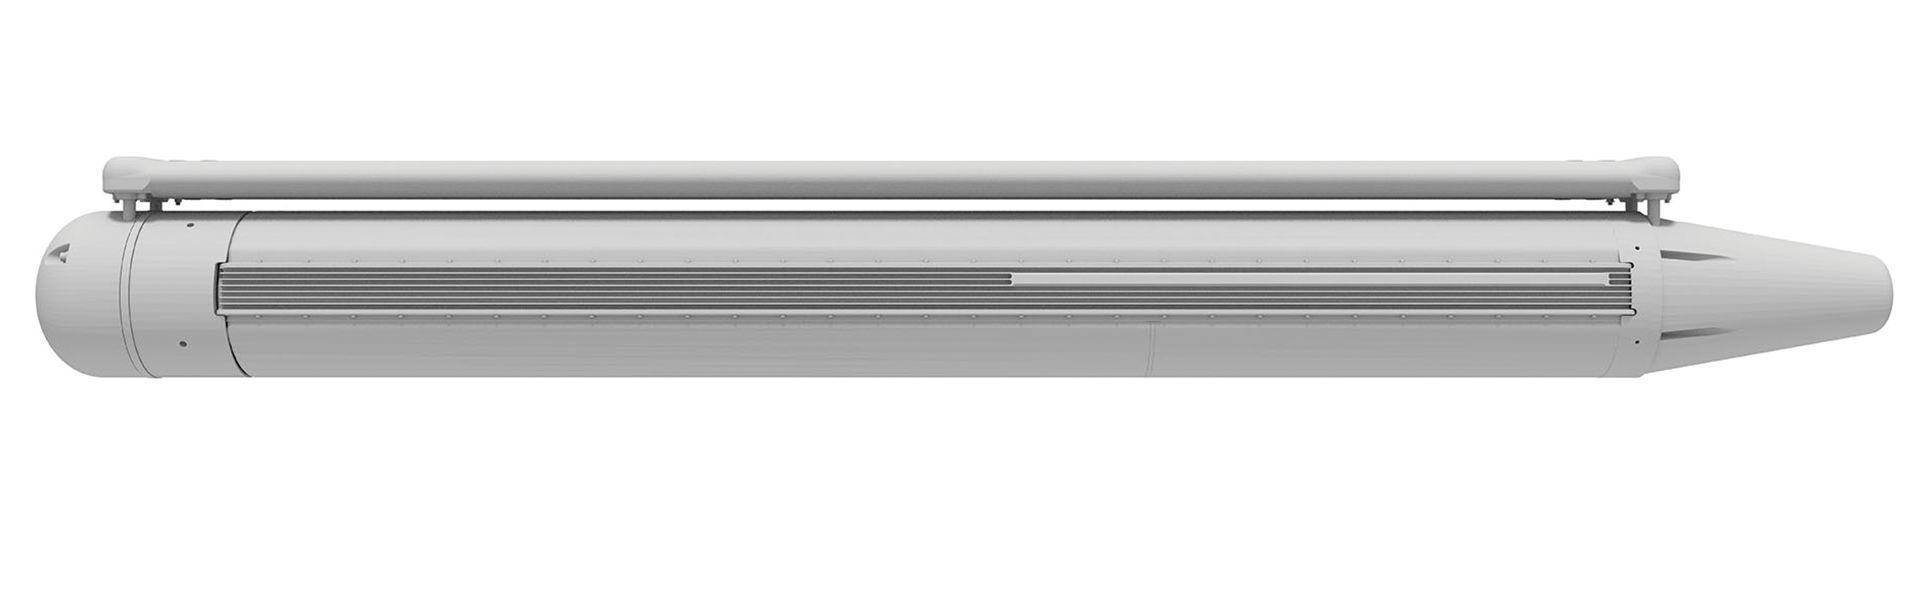 nsp-5-er